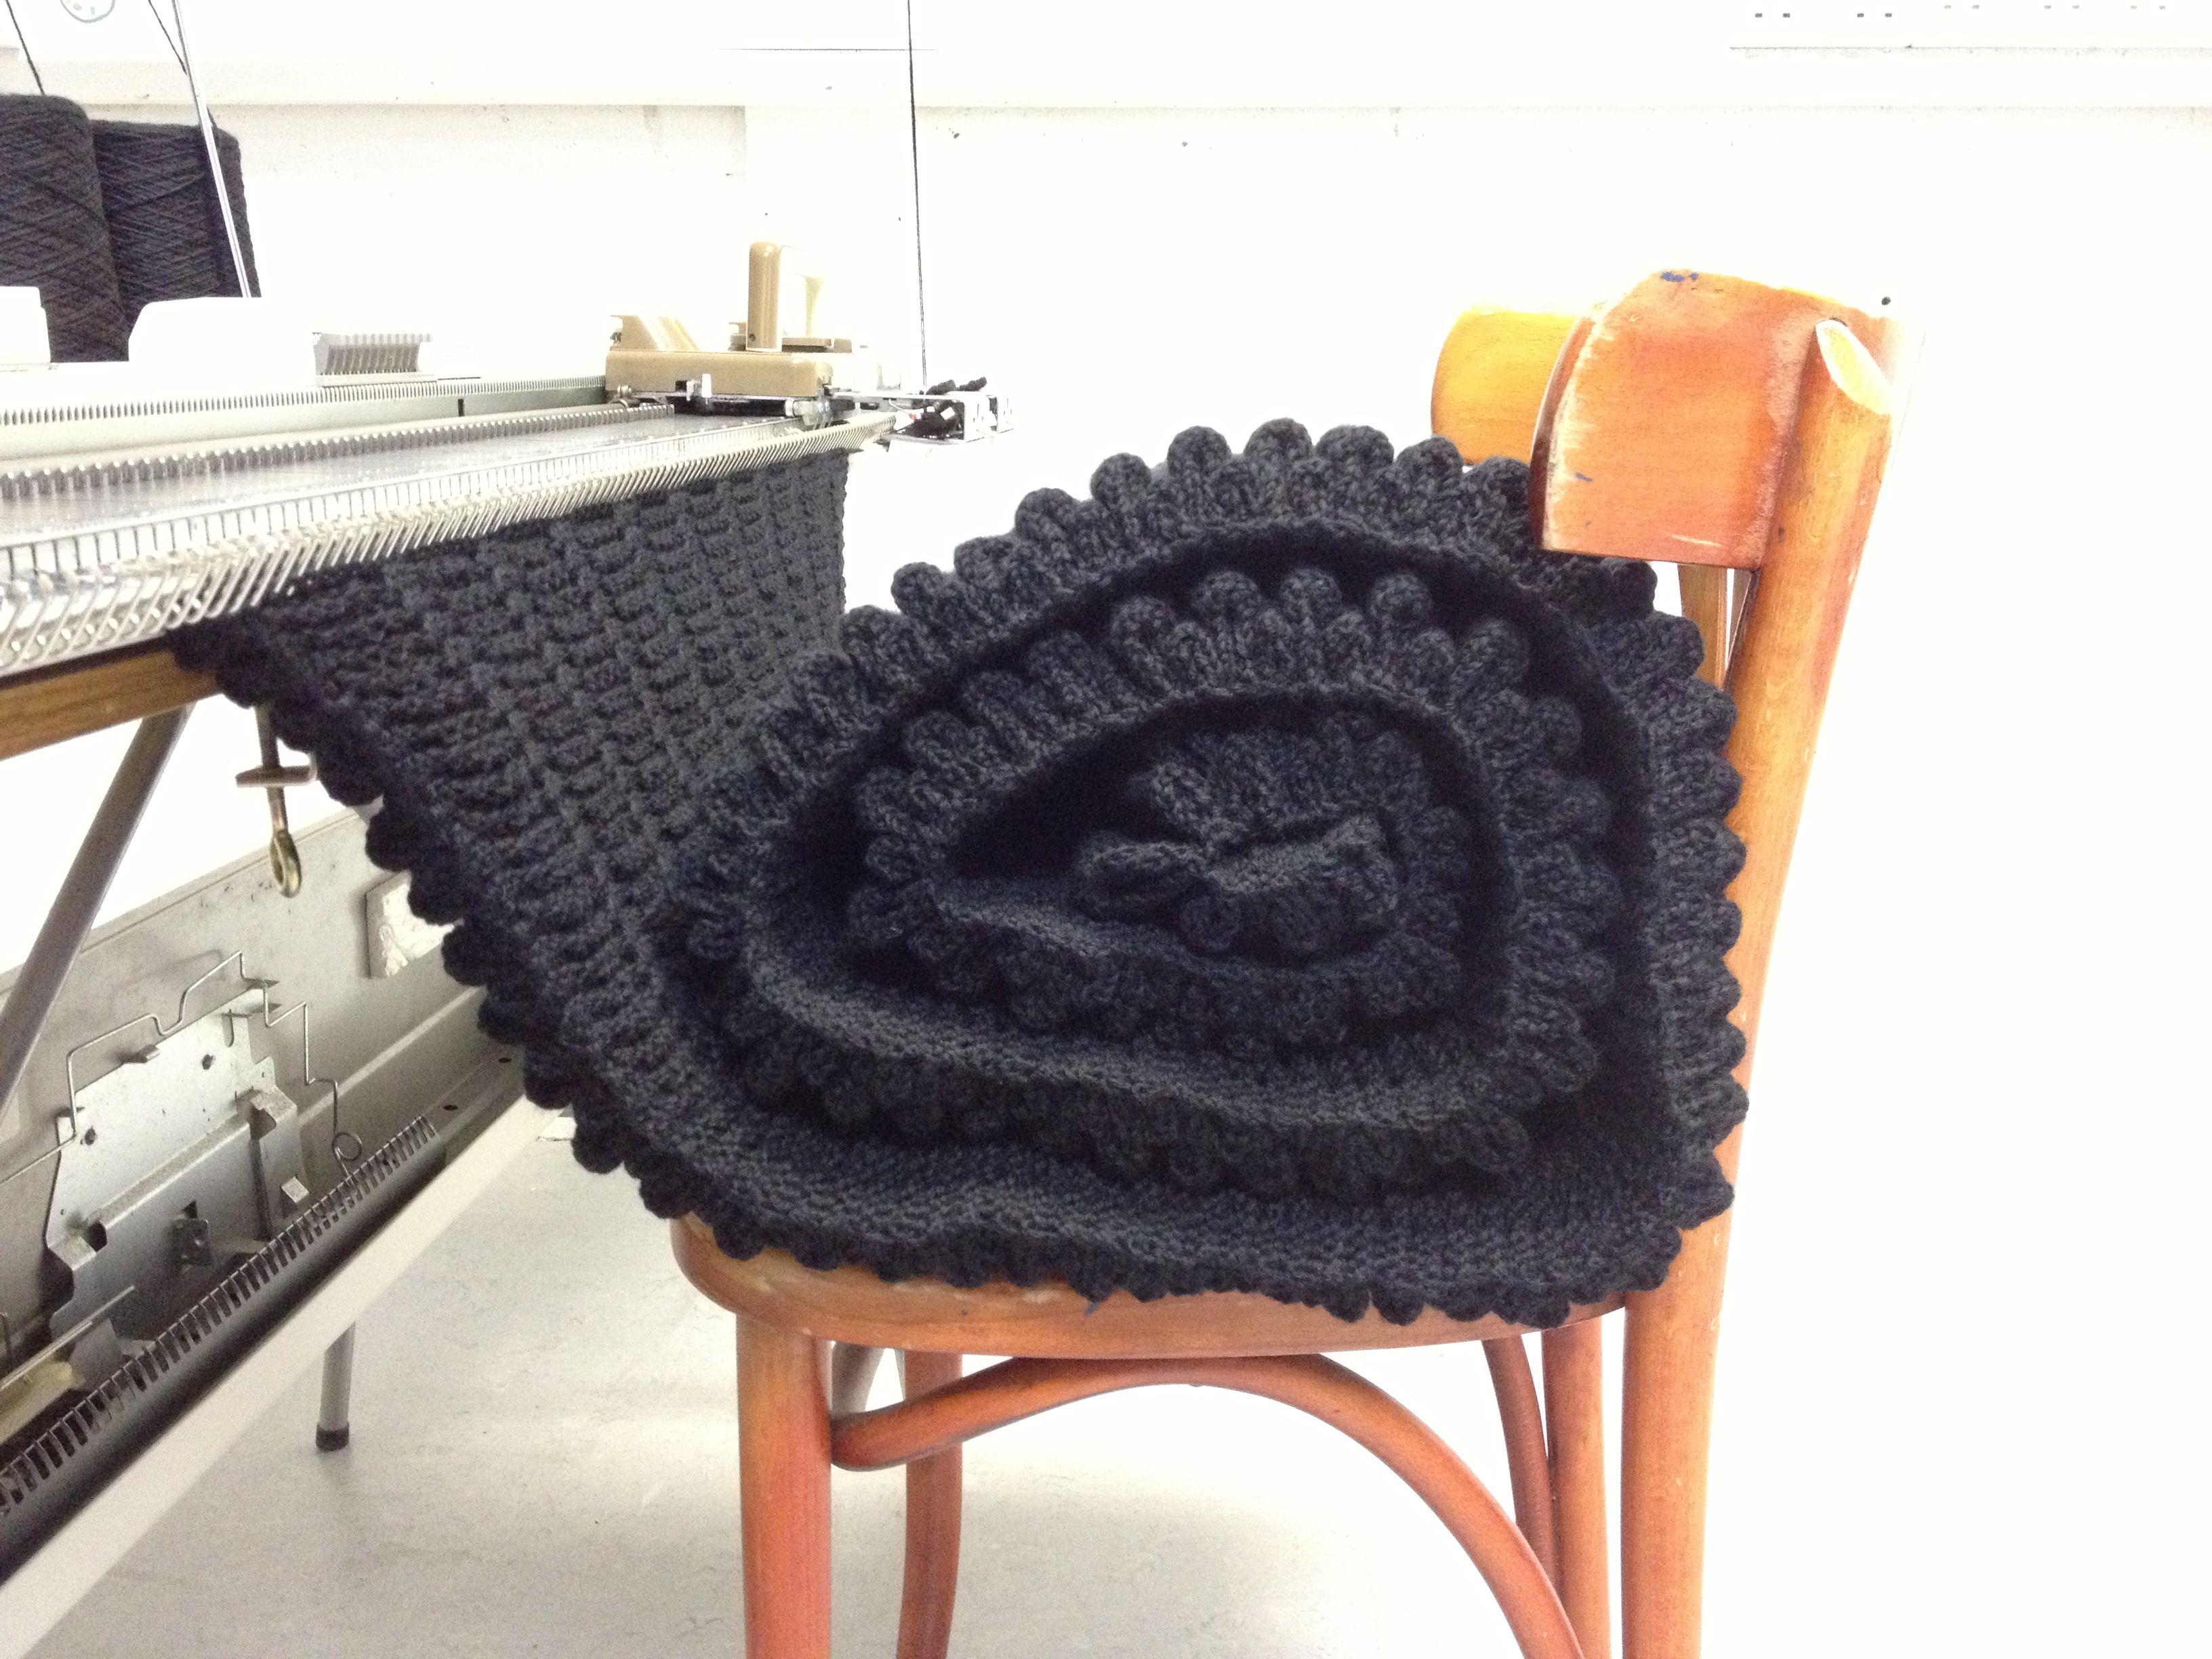 3-5kg-of-knitting.jpg 3.264×2.448 Pixel